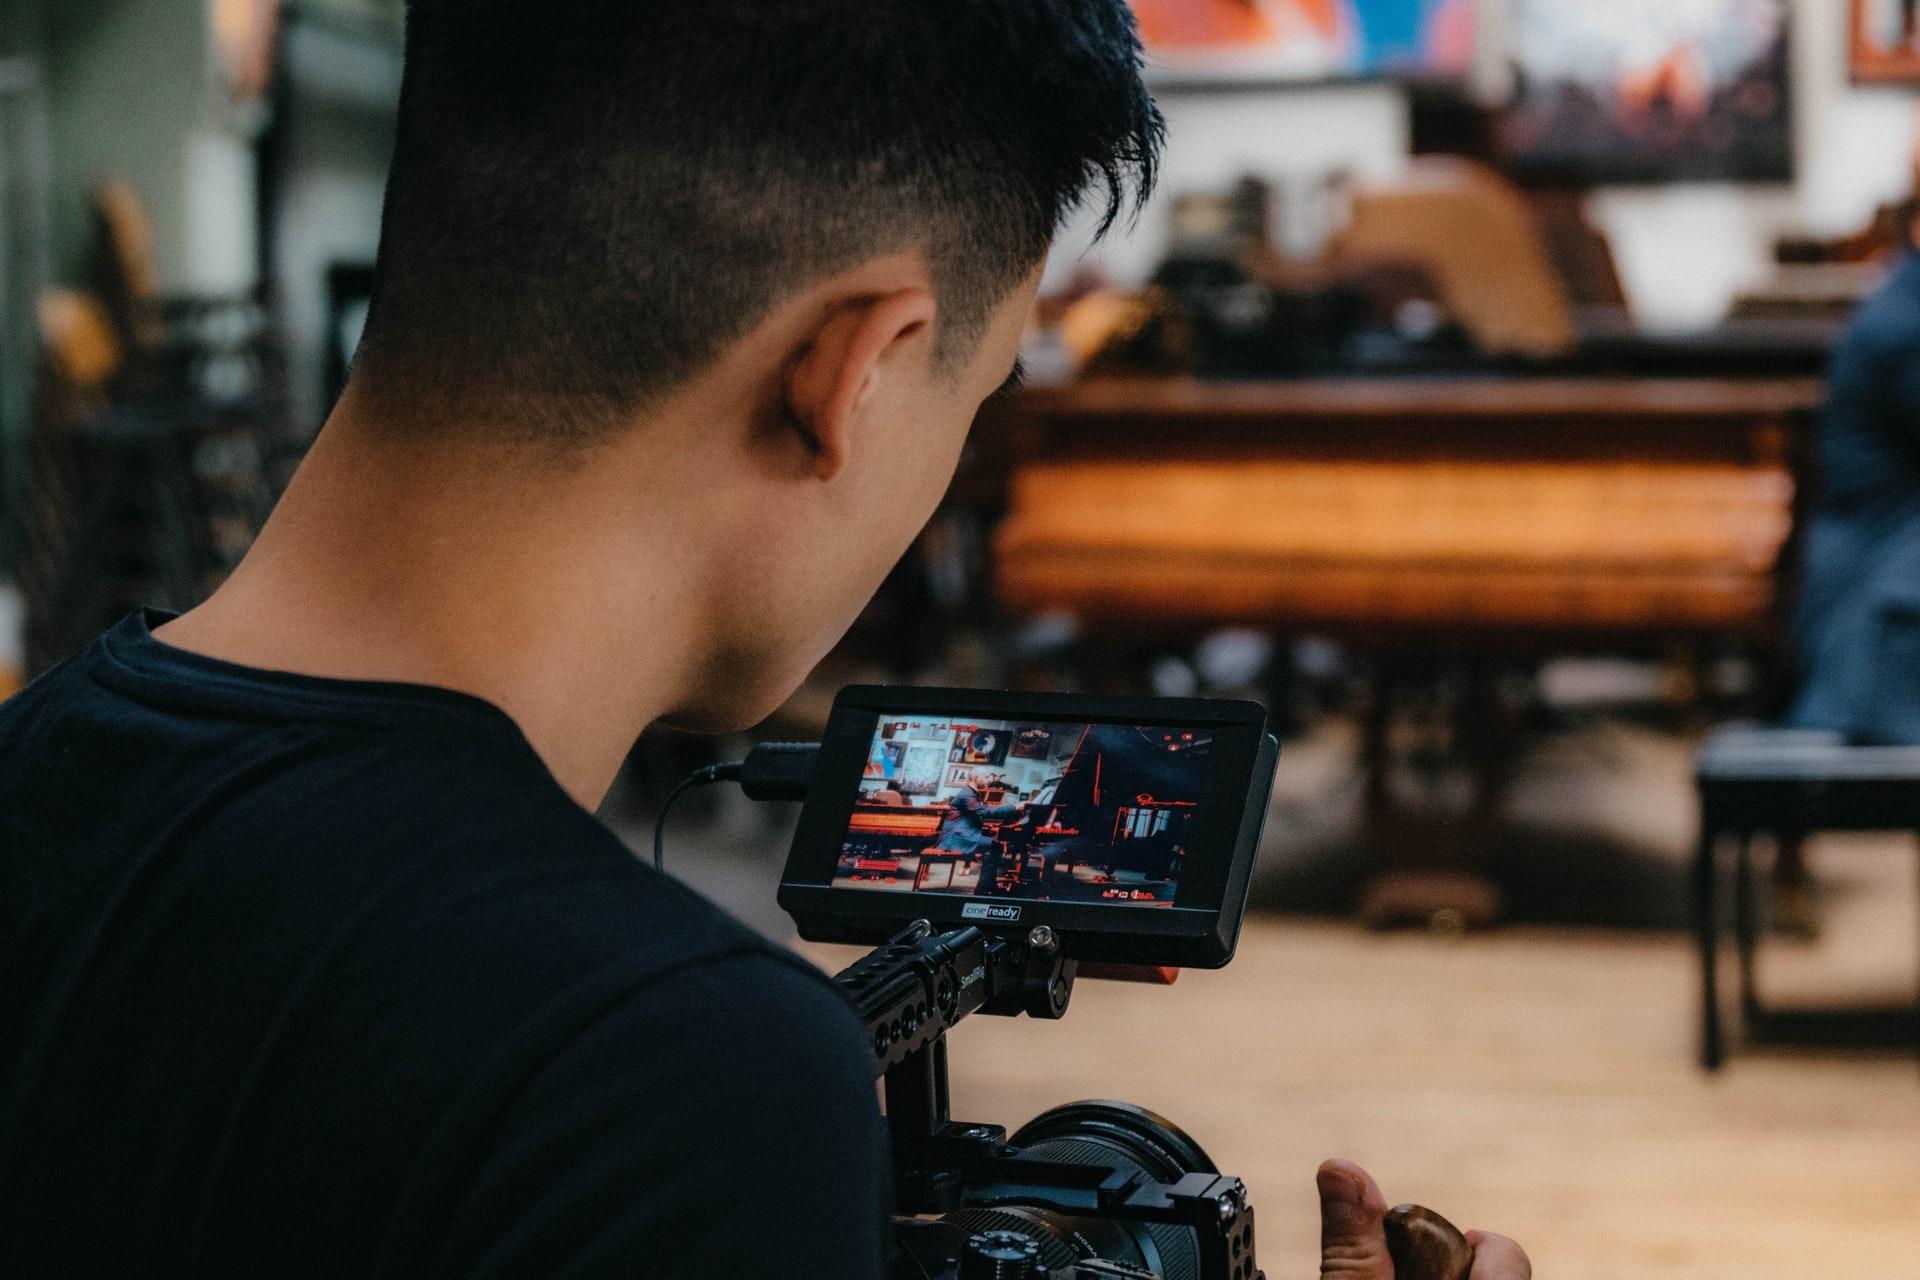 動画コンテンツの作成